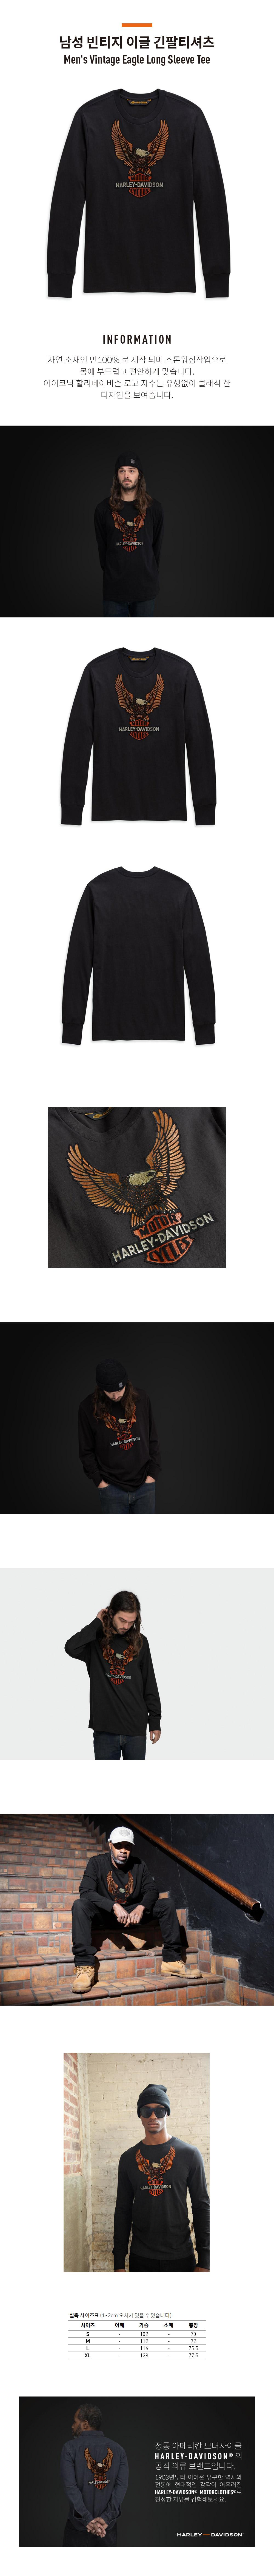 남성 빈티지 이글 긴팔티셔츠